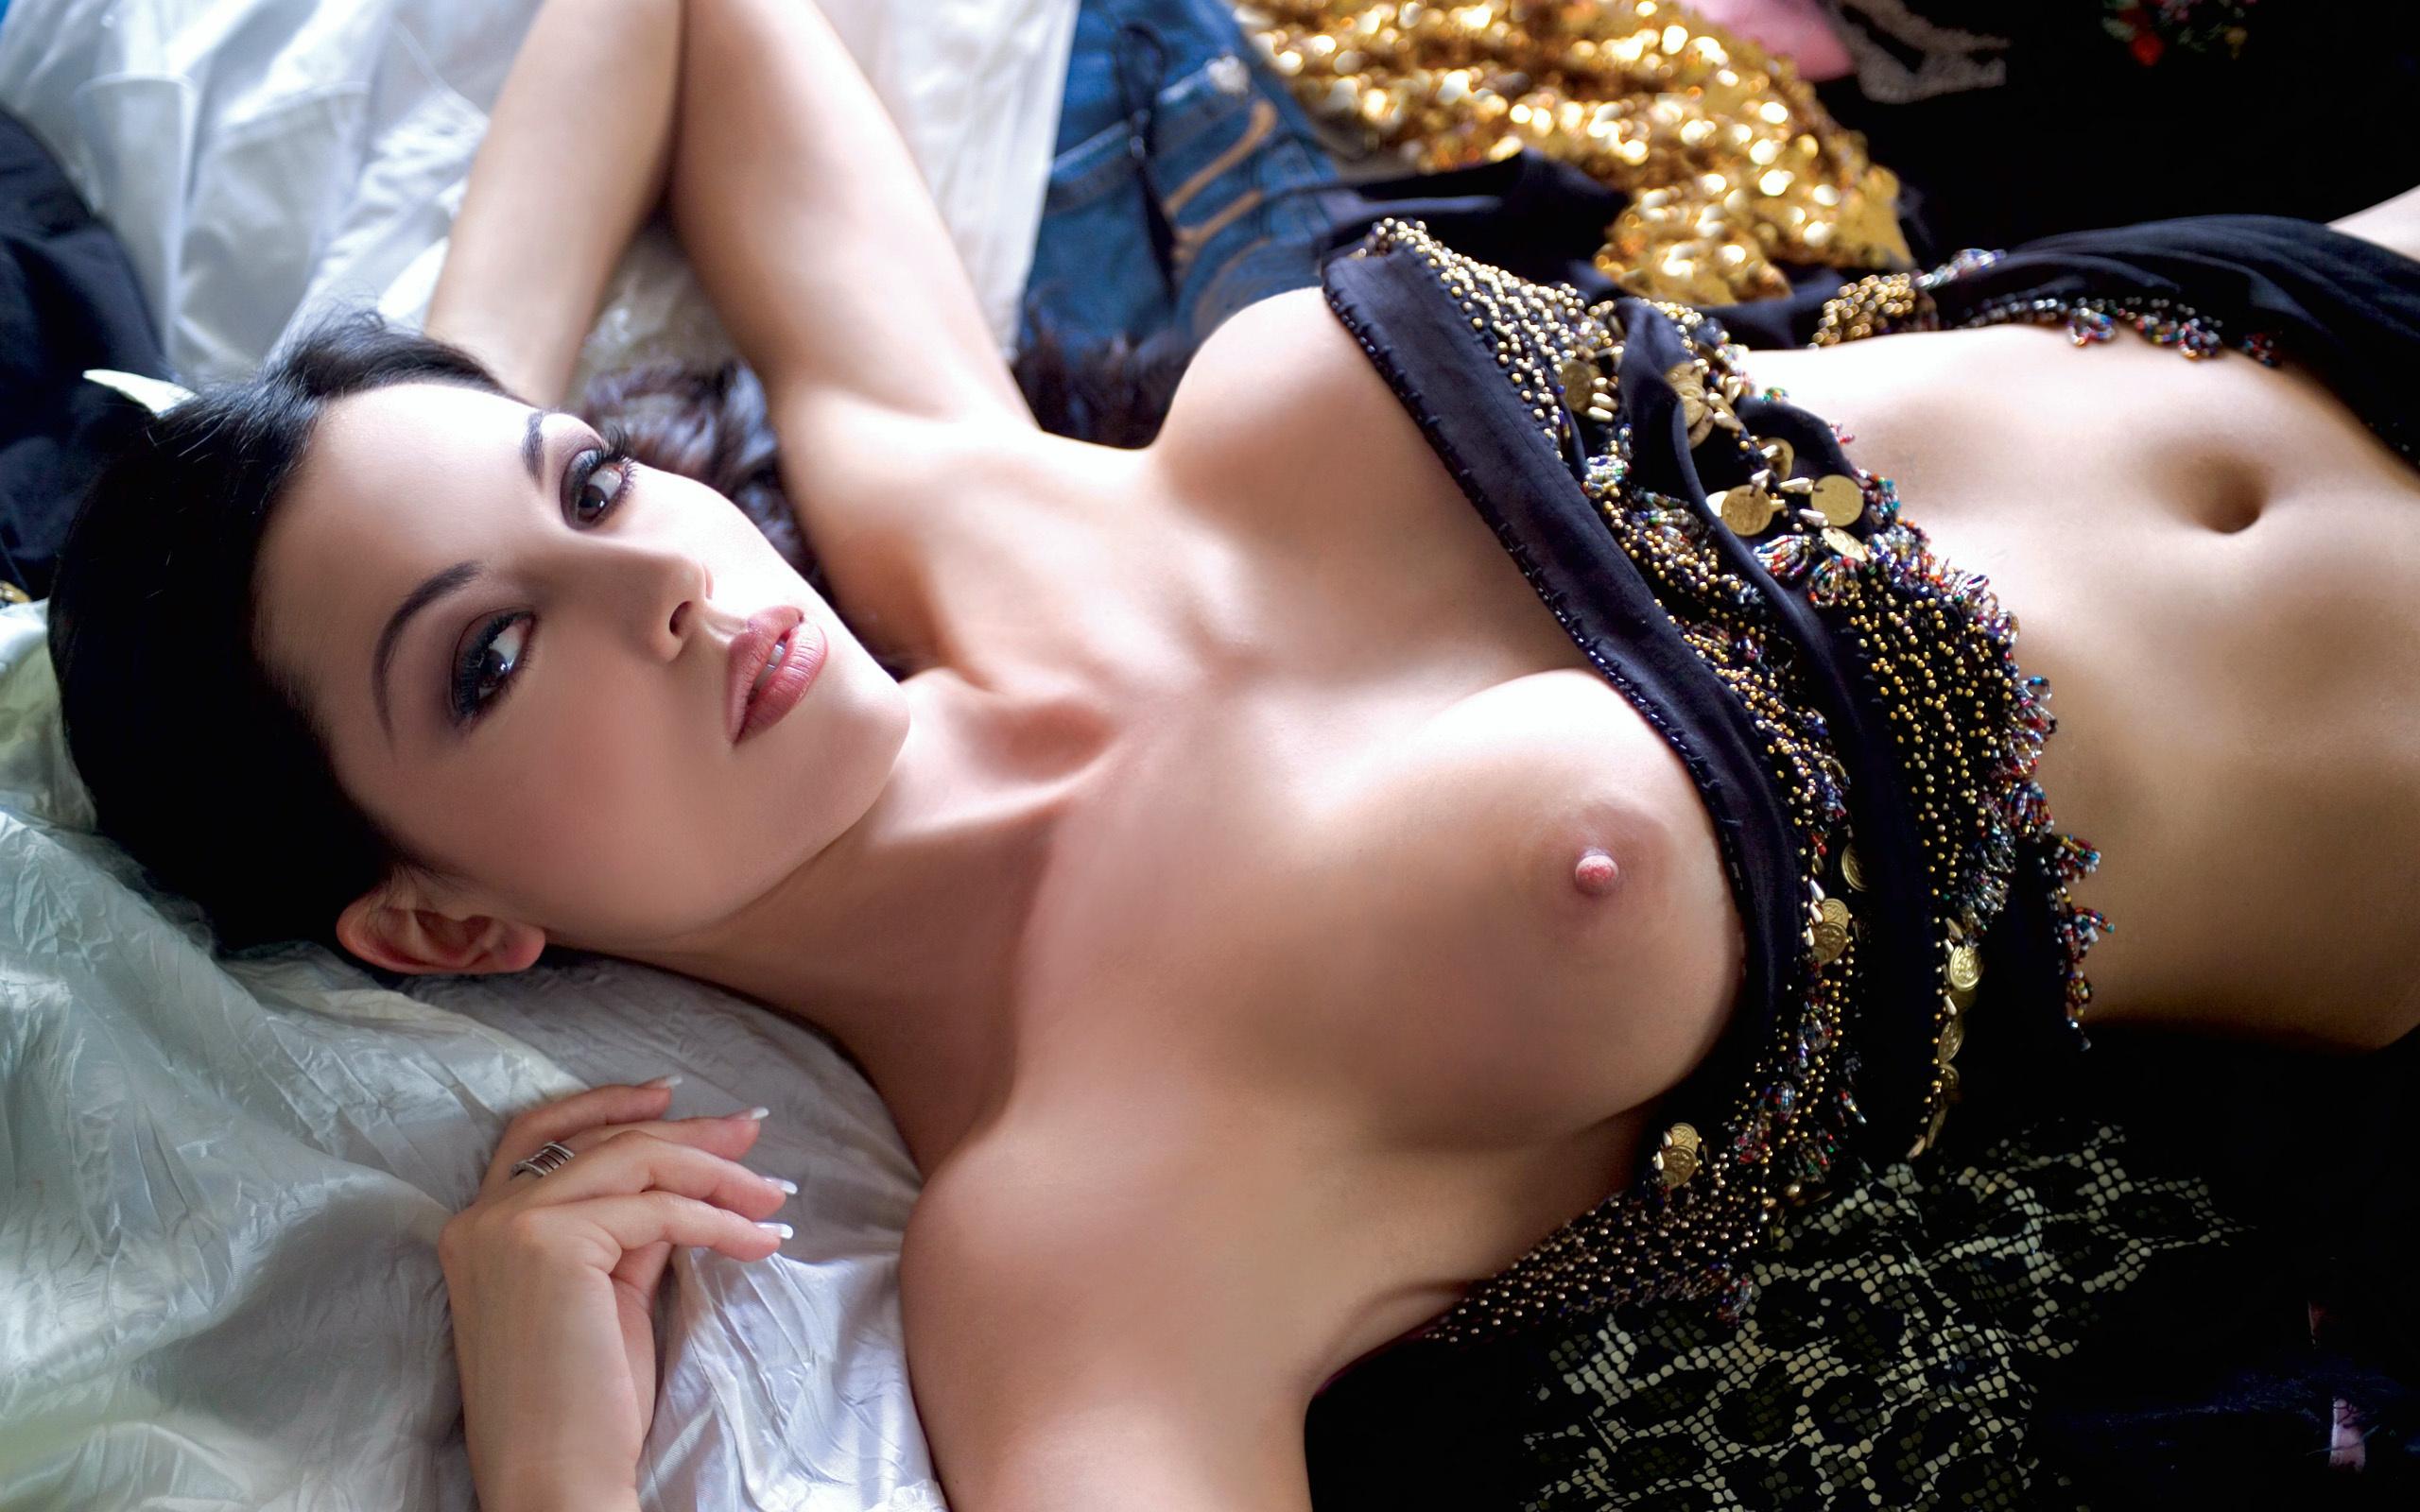 krasivie-eroticheskie-video